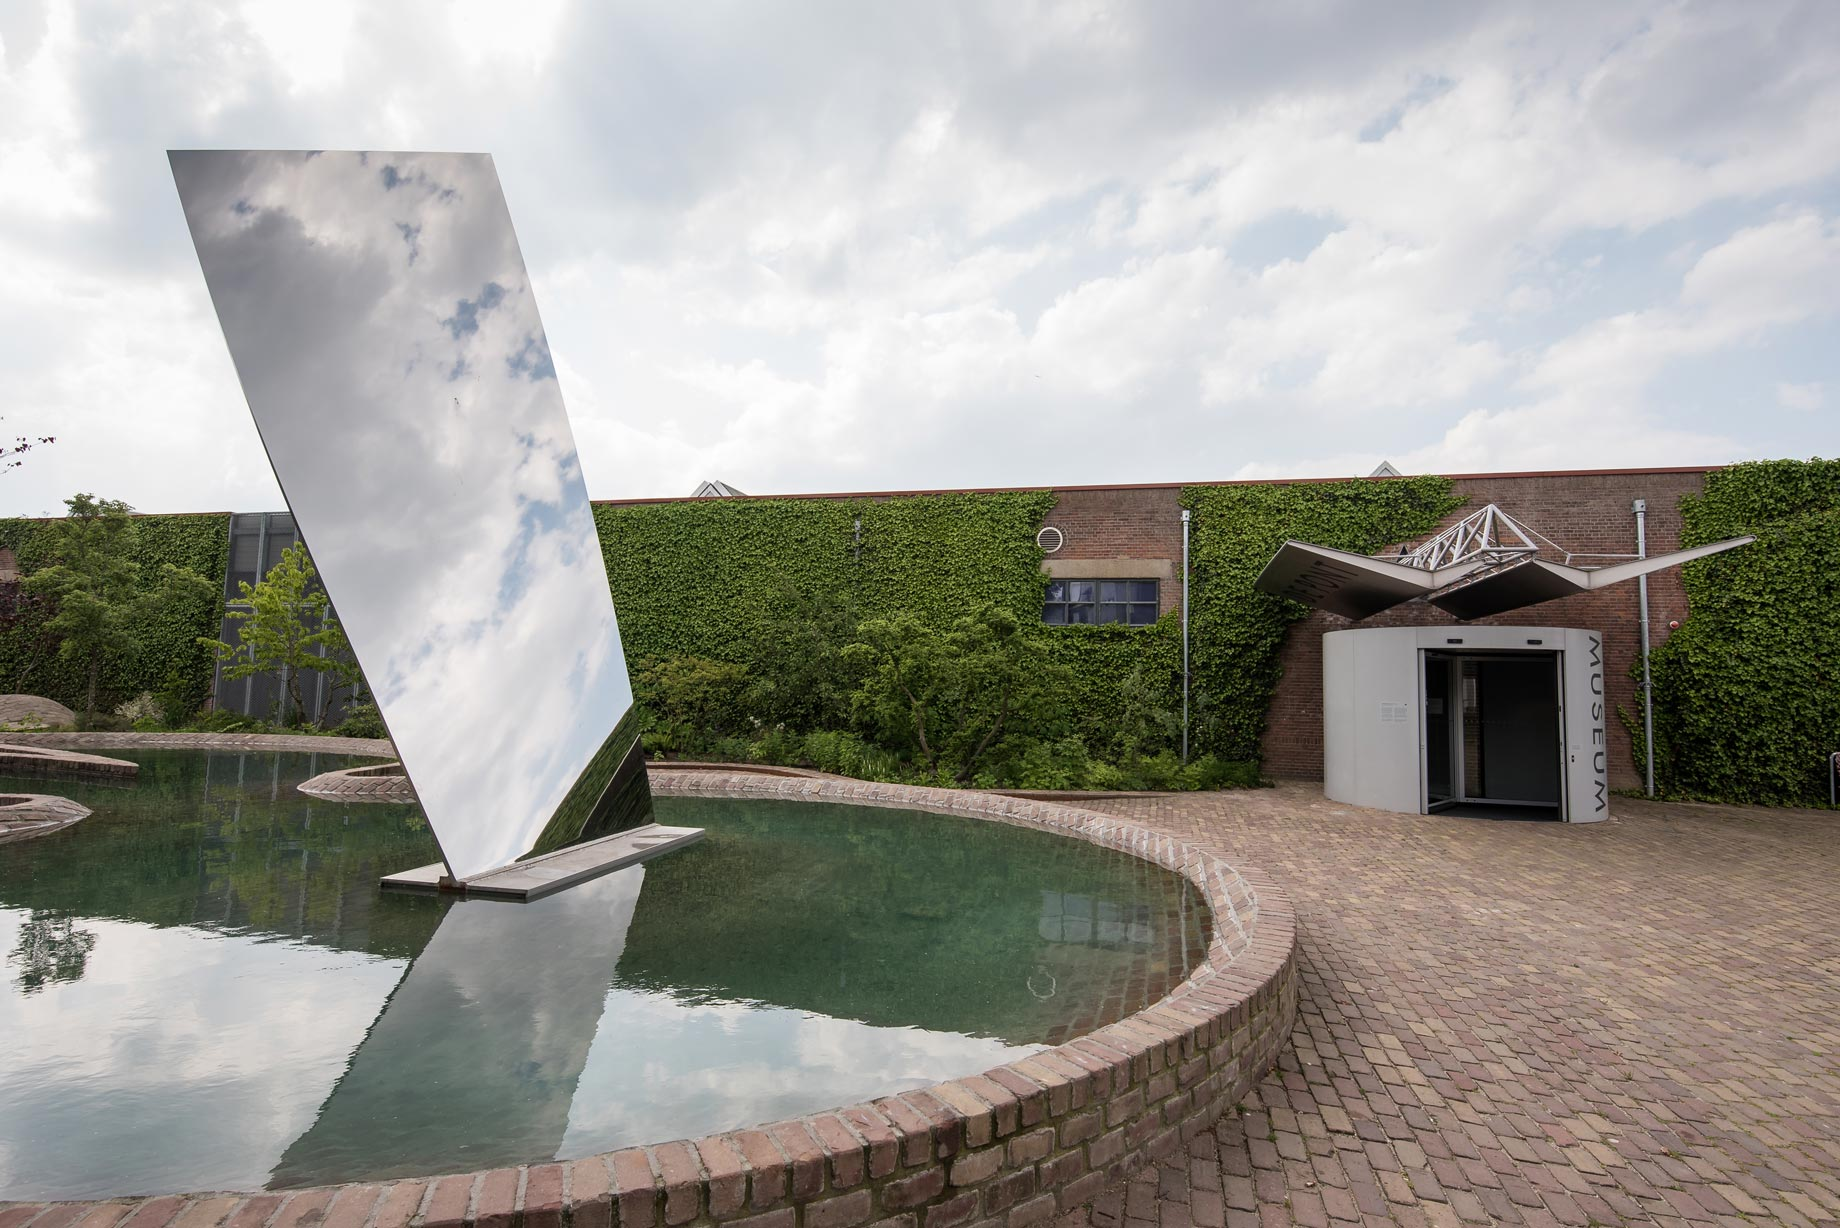 013 Straatjes - De Pont museum - Foto door William van der Voort